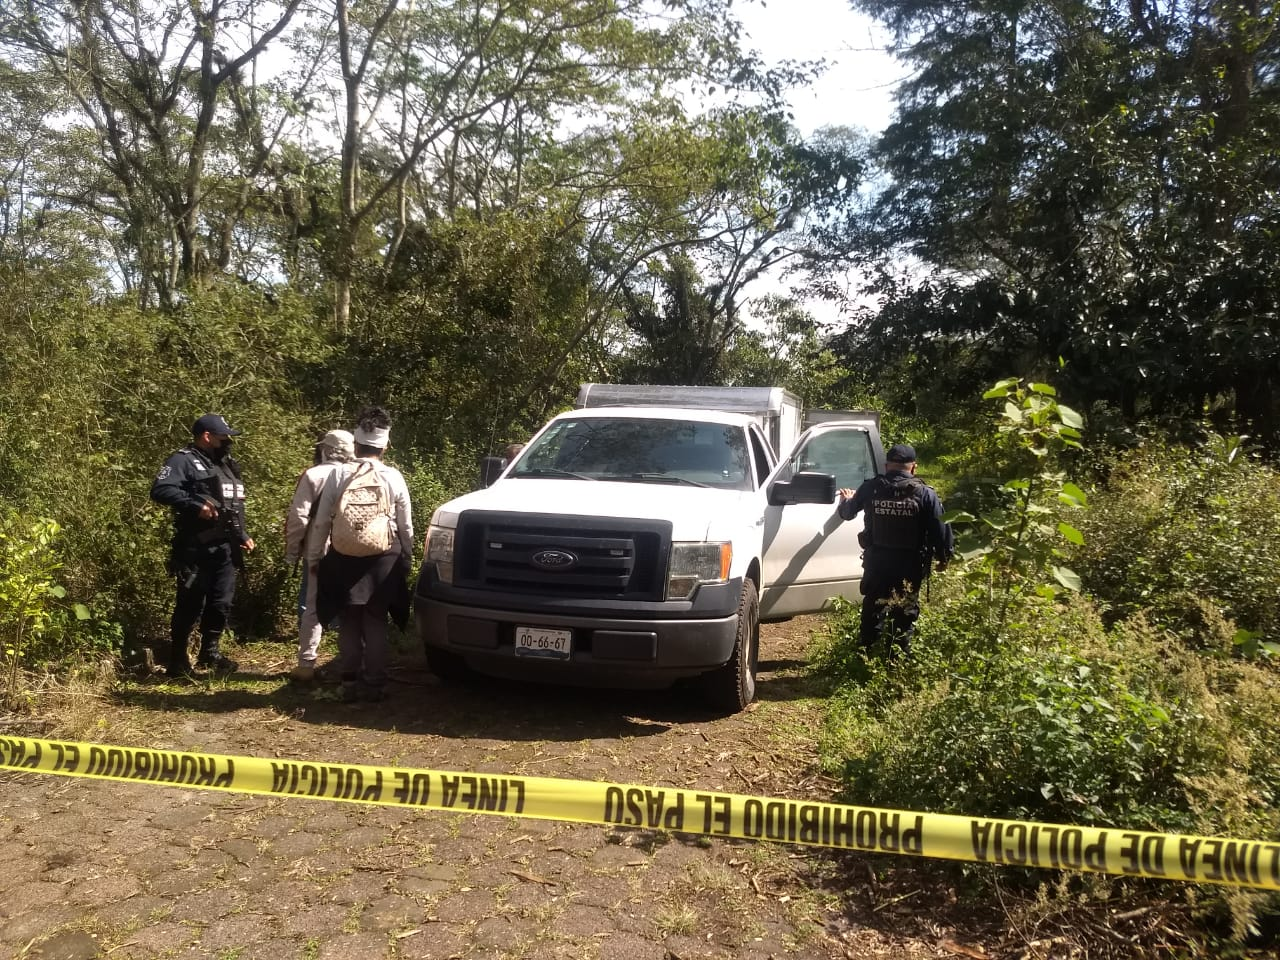 Colectivo de búsqueda encuentra restos óseos cerca del Parque Natura, en Xalapa